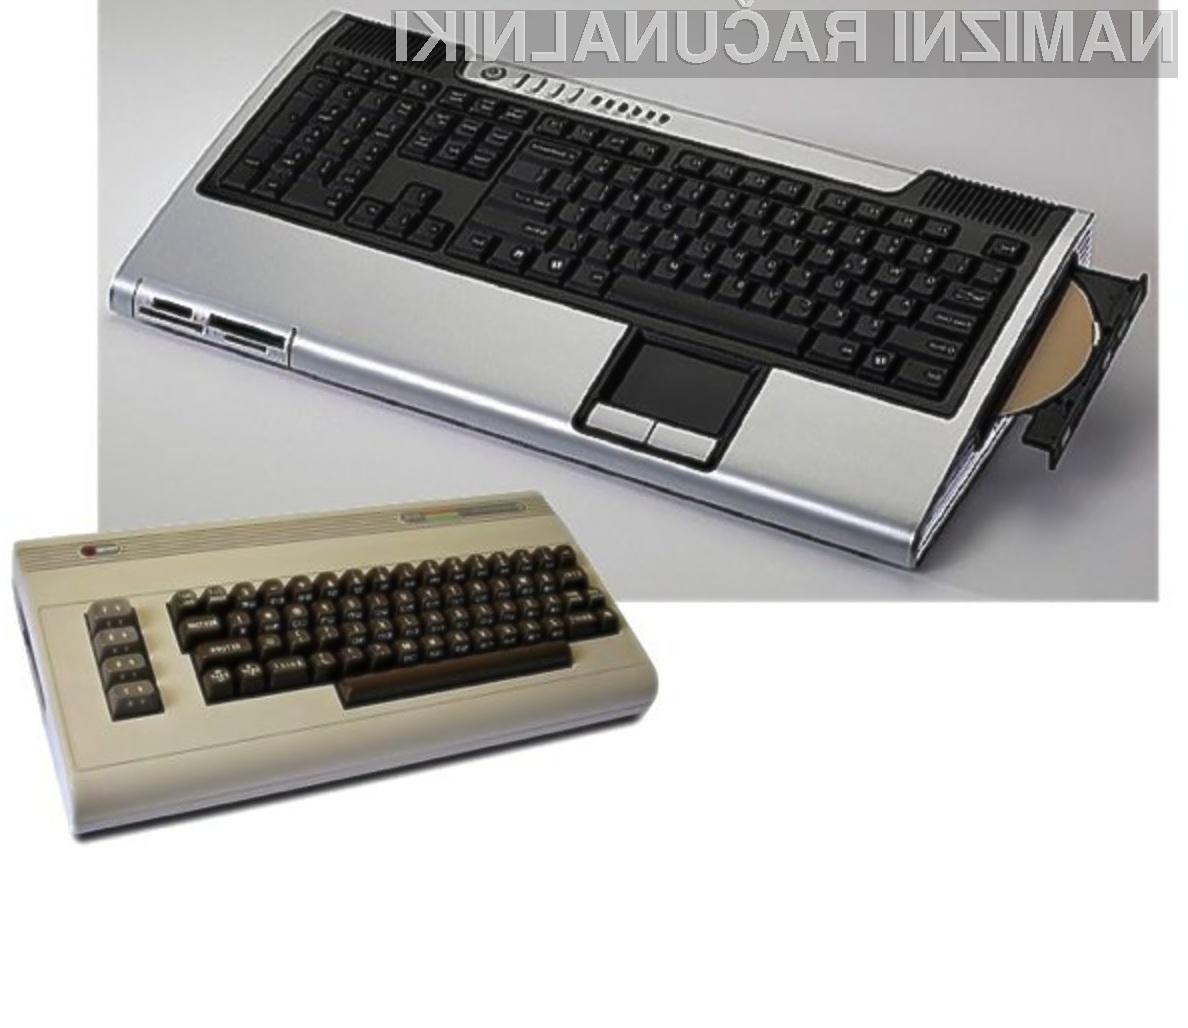 Novi kompaktni računalniki Commodore se bodo zagotovo tržili kot za stavo!